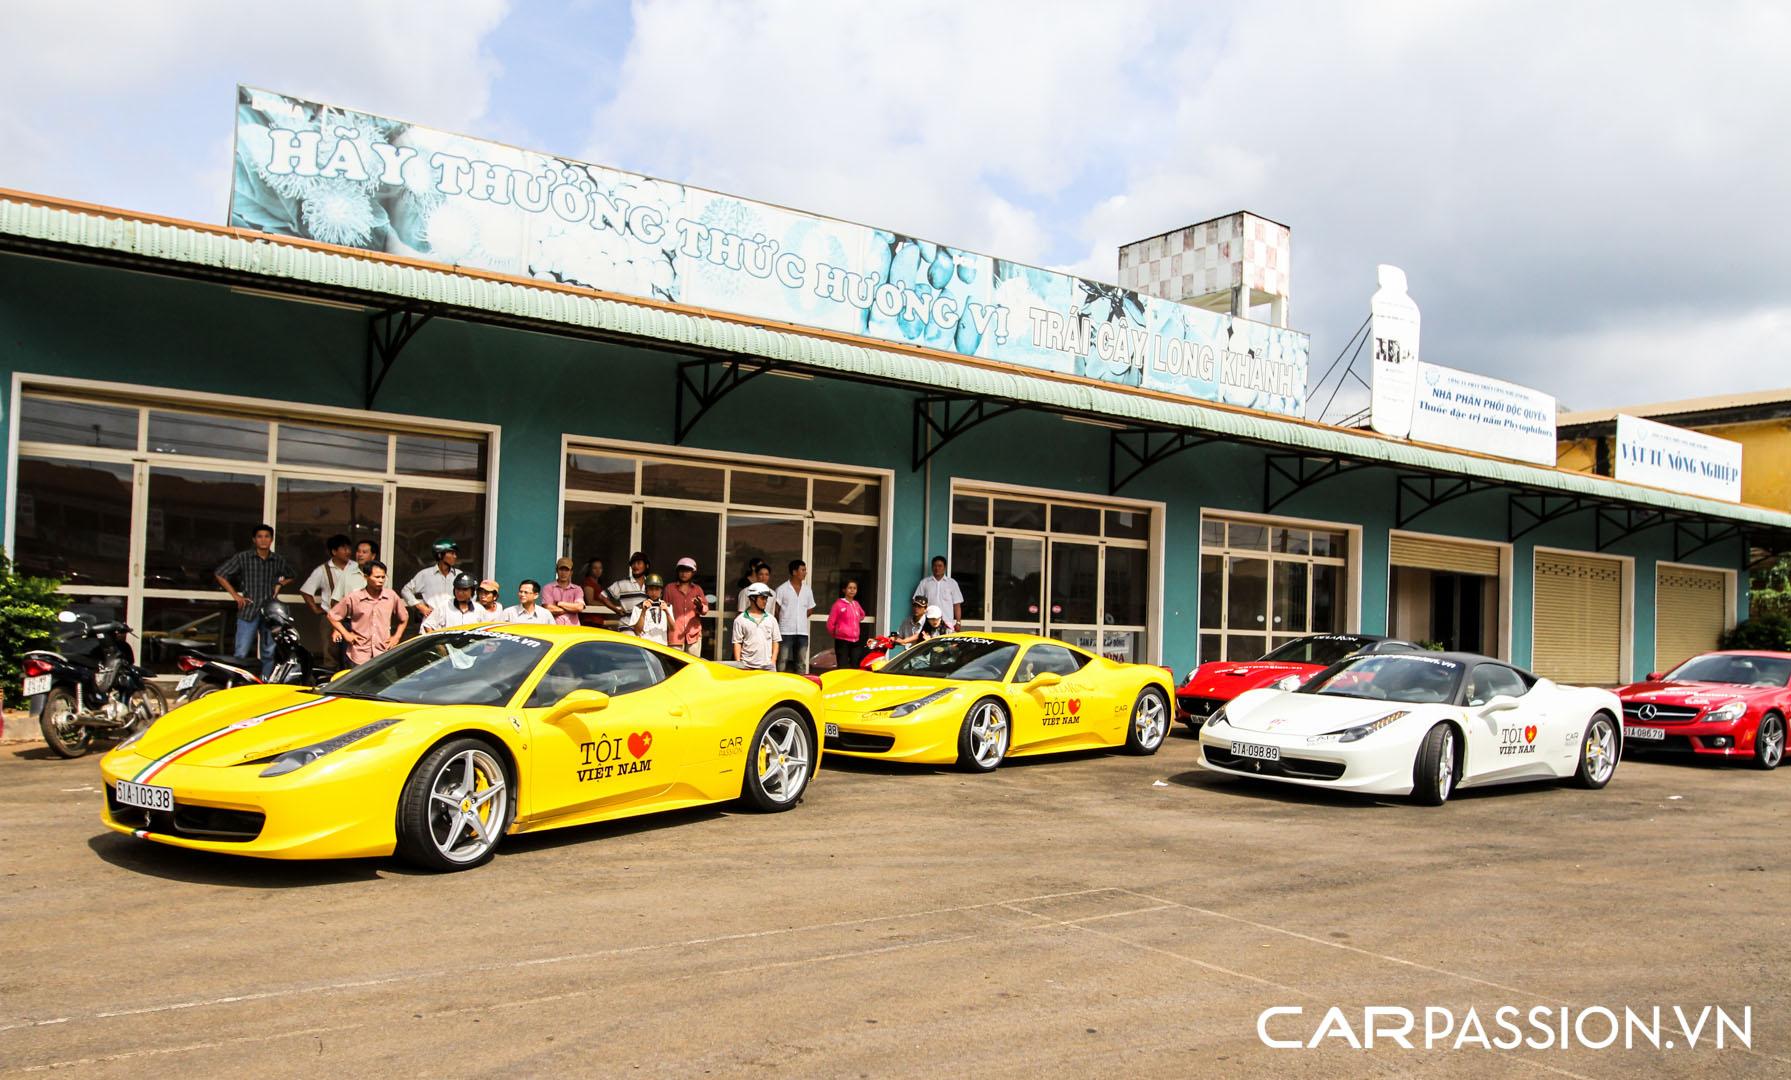 CP-Hành trình siêu xe CarPassion 2011 (132).jpg